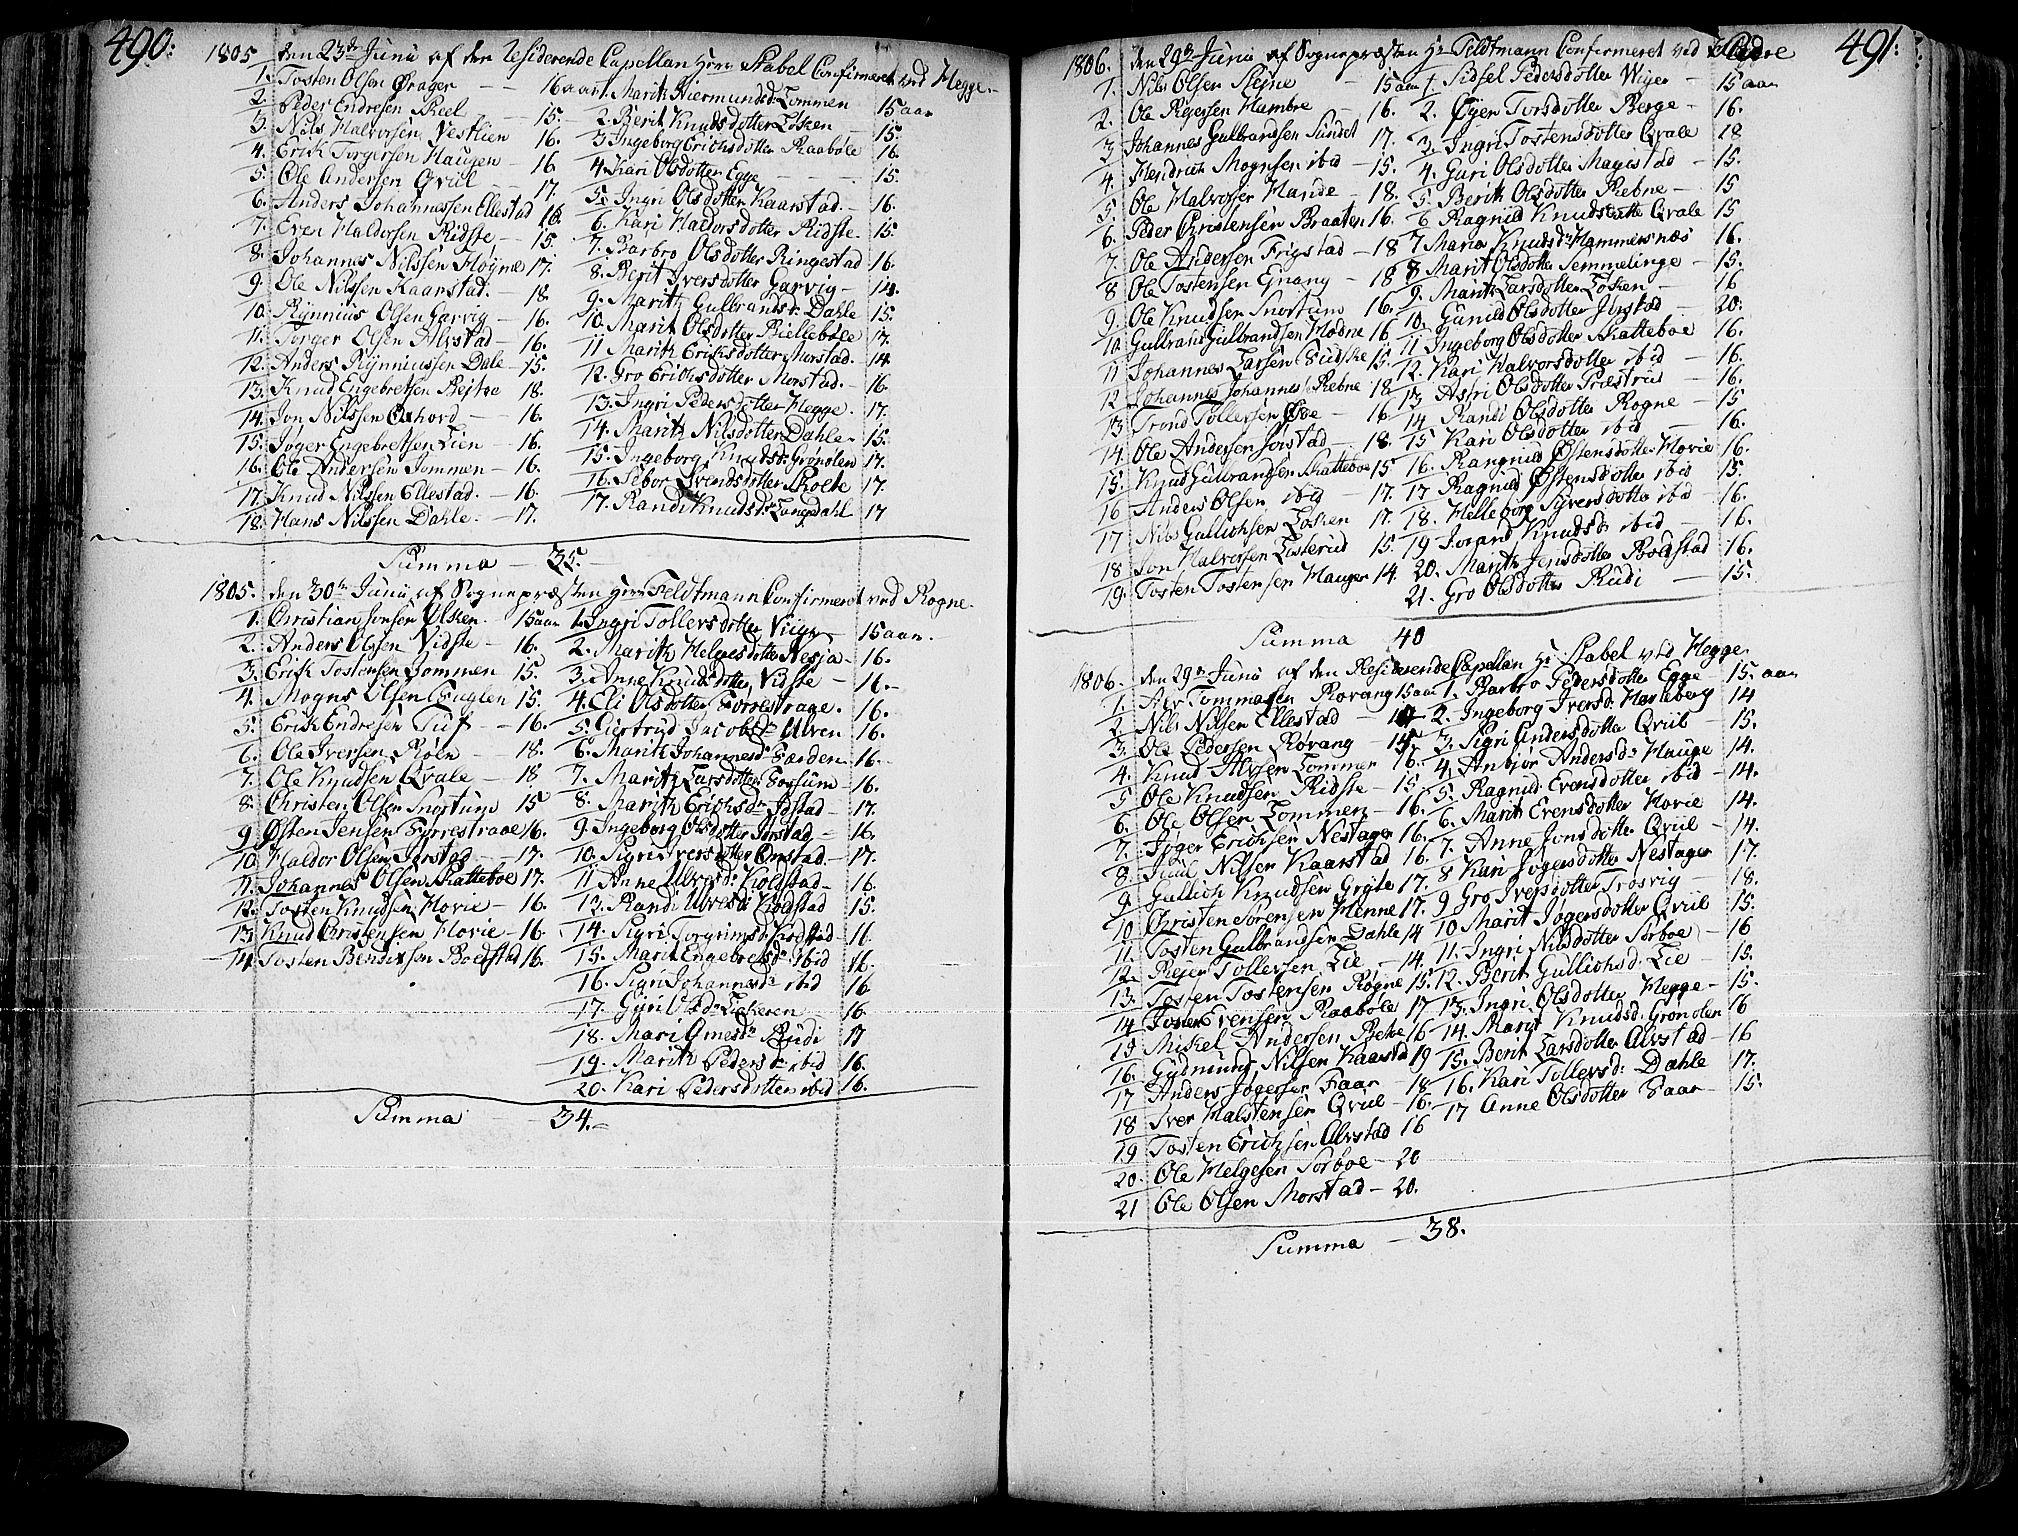 SAH, Slidre prestekontor, Ministerialbok nr. 1, 1724-1814, s. 490-491